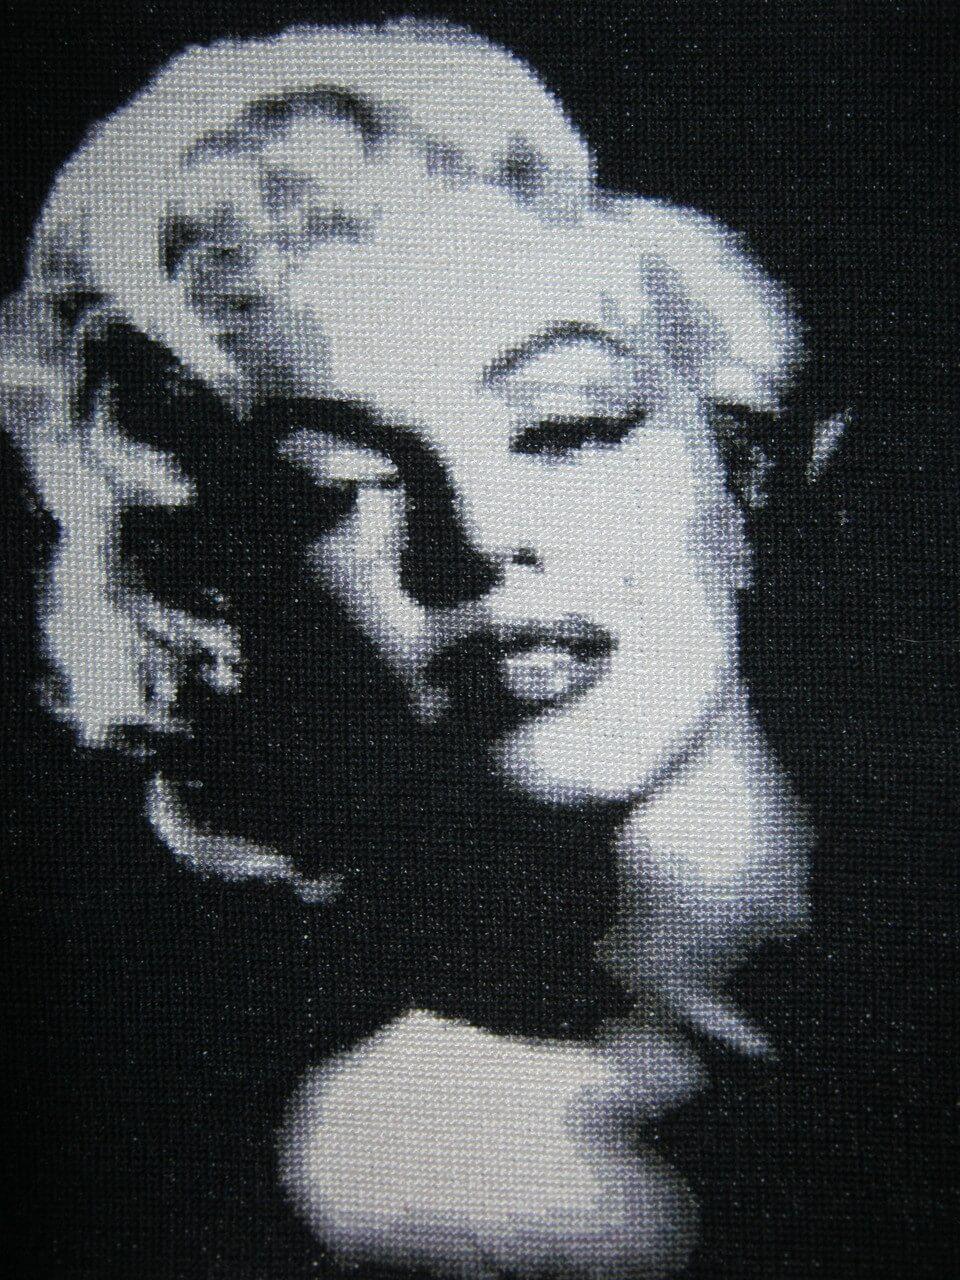 Схемы вышивки «Мерлин Монро» (стр. 1) - Вышивка крестом 84